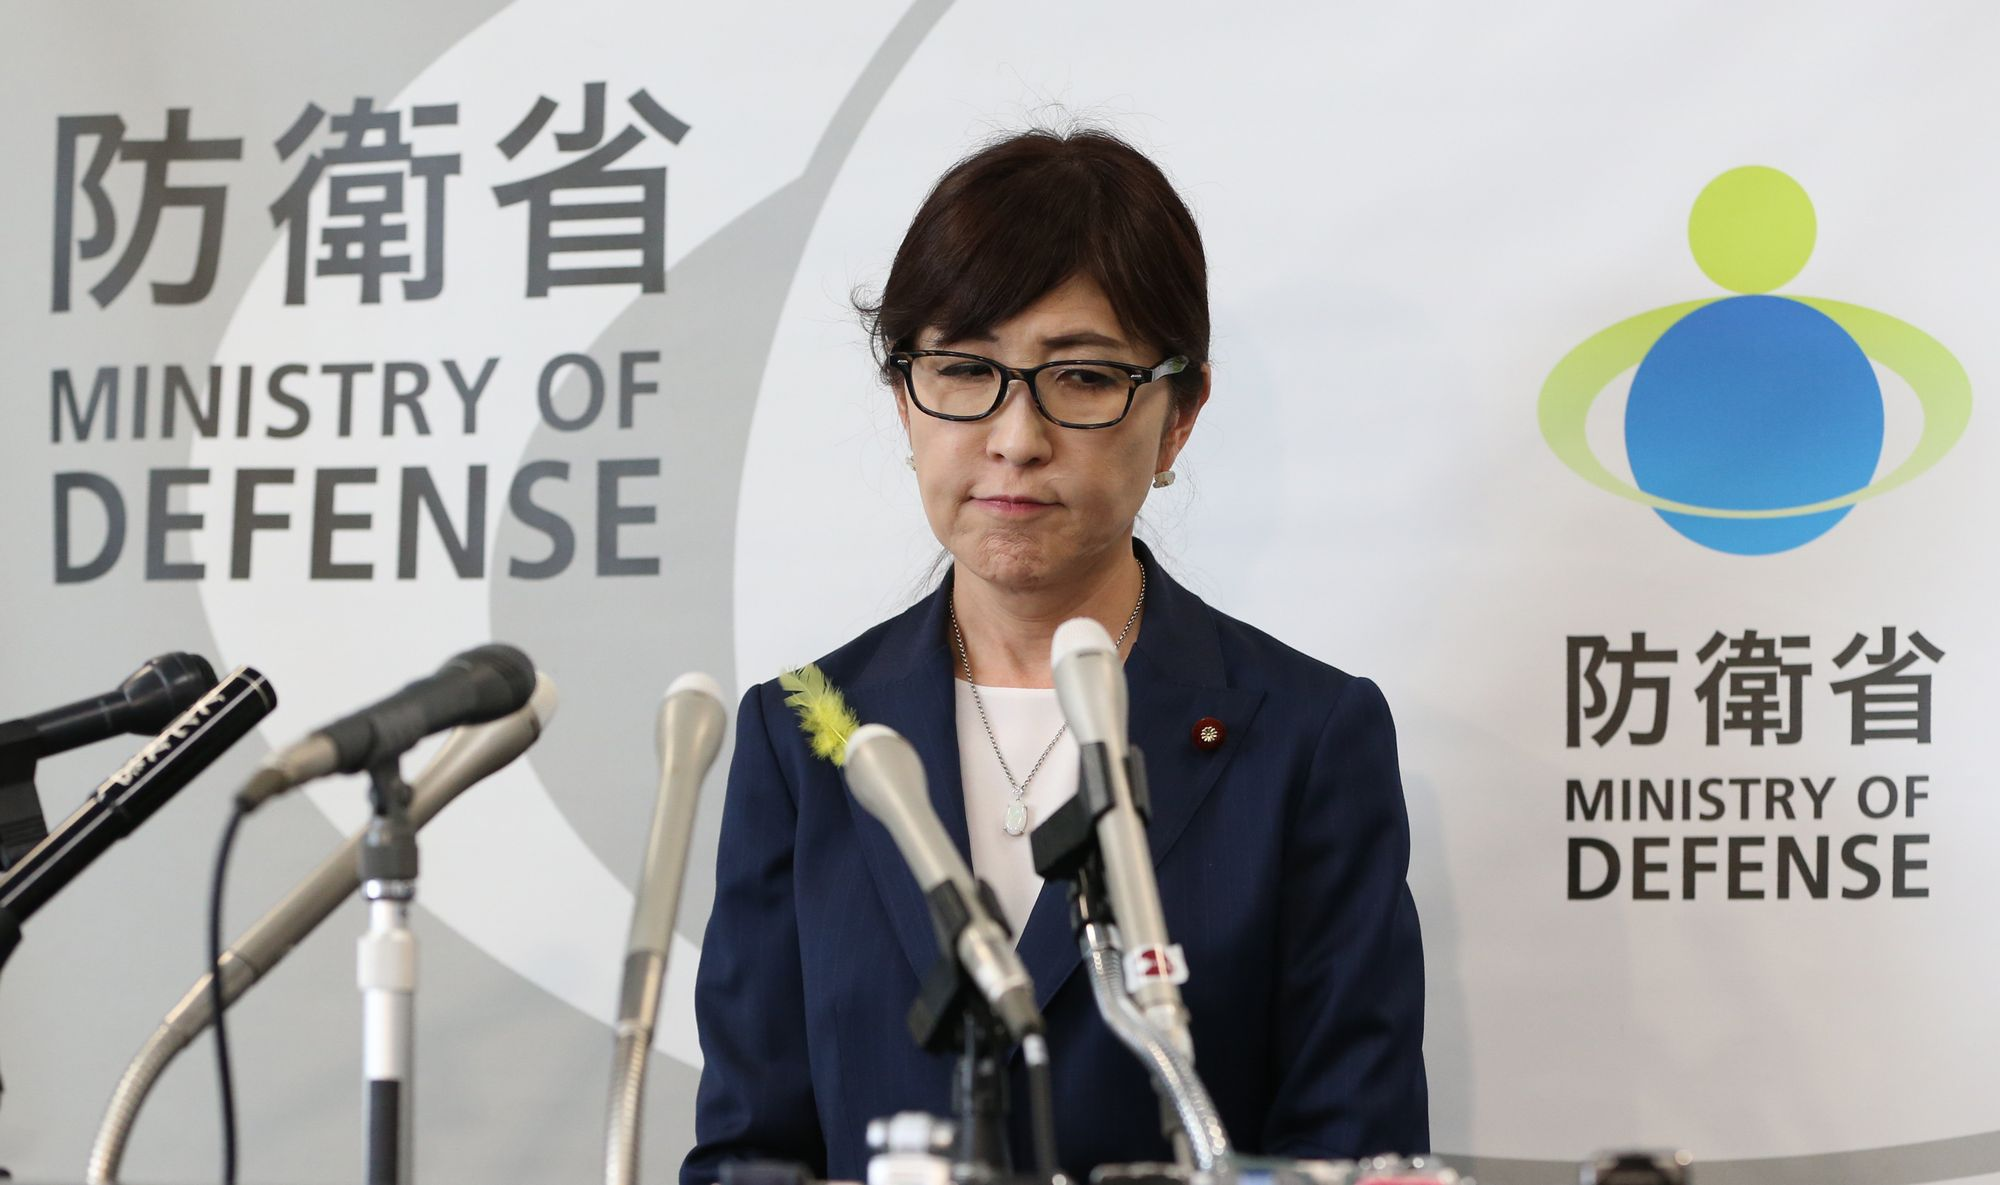 会見で辞任しない意向を示した稲田朋美防衛相=30日